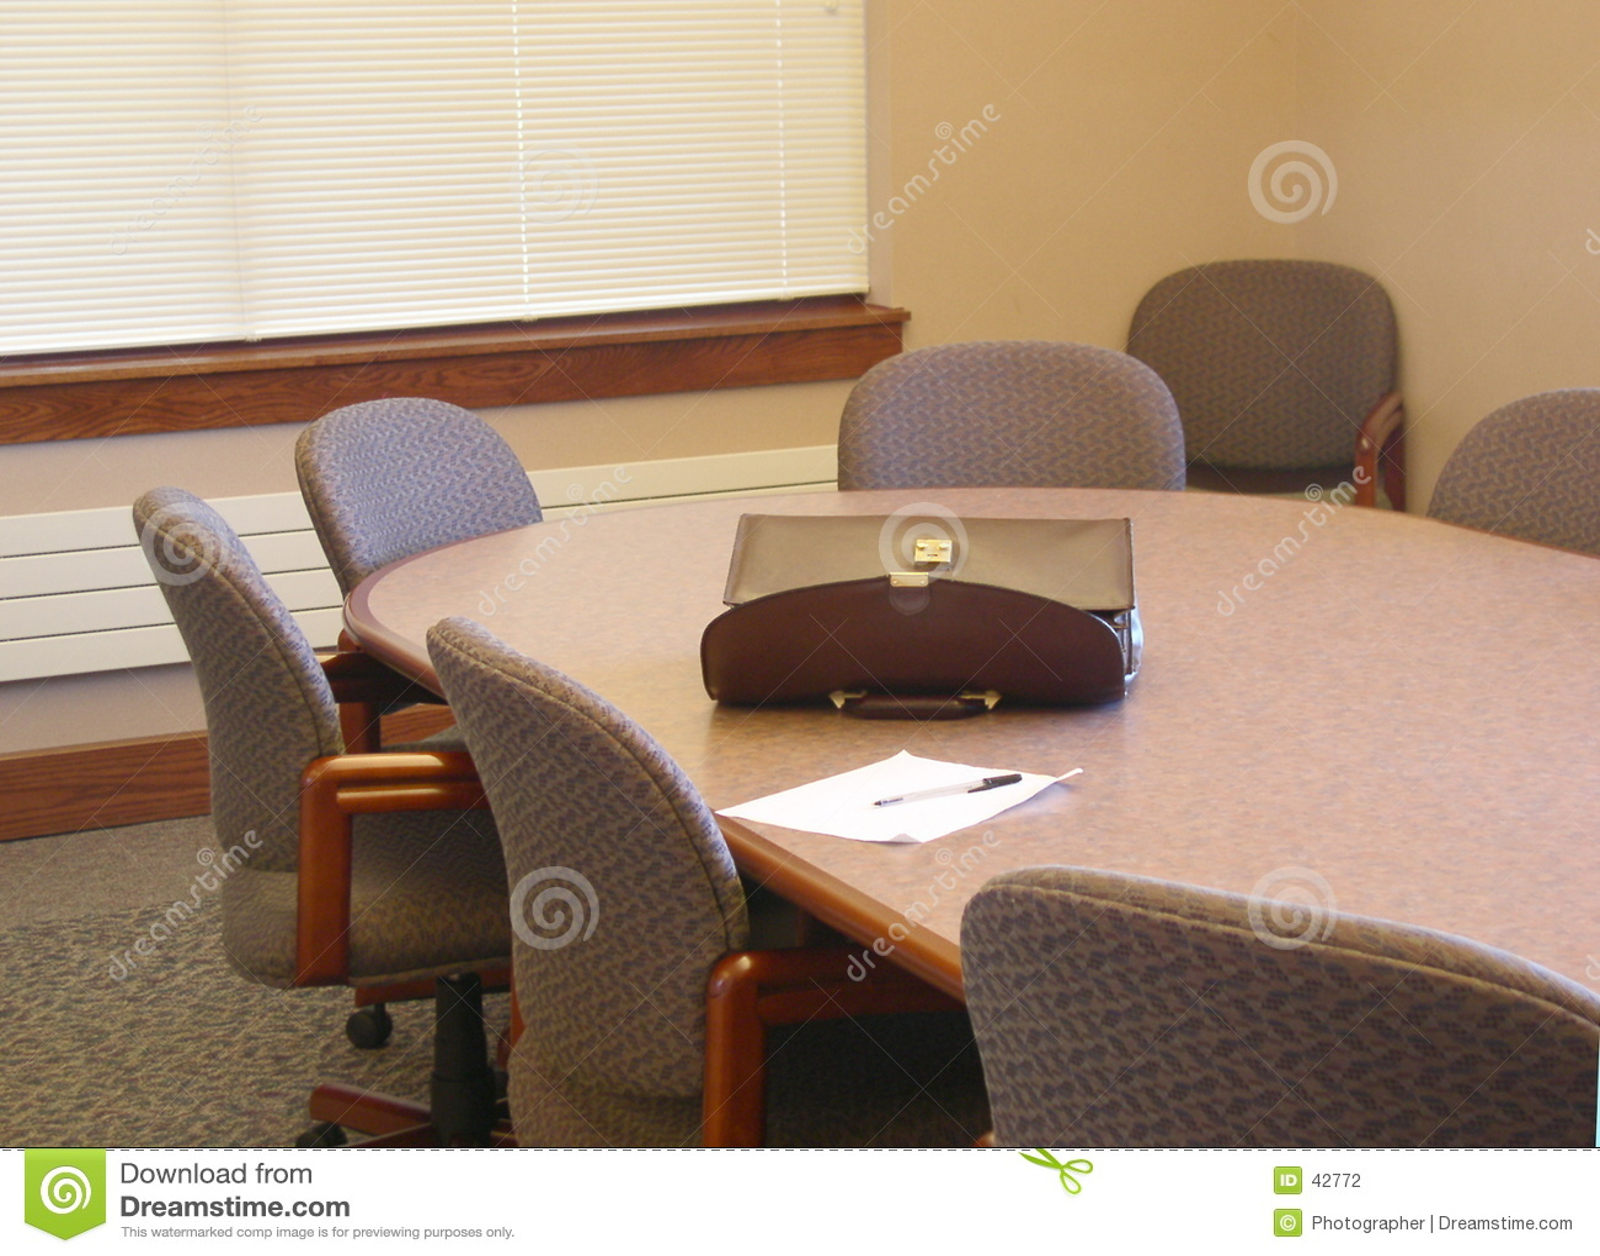 Pokoju zarządu